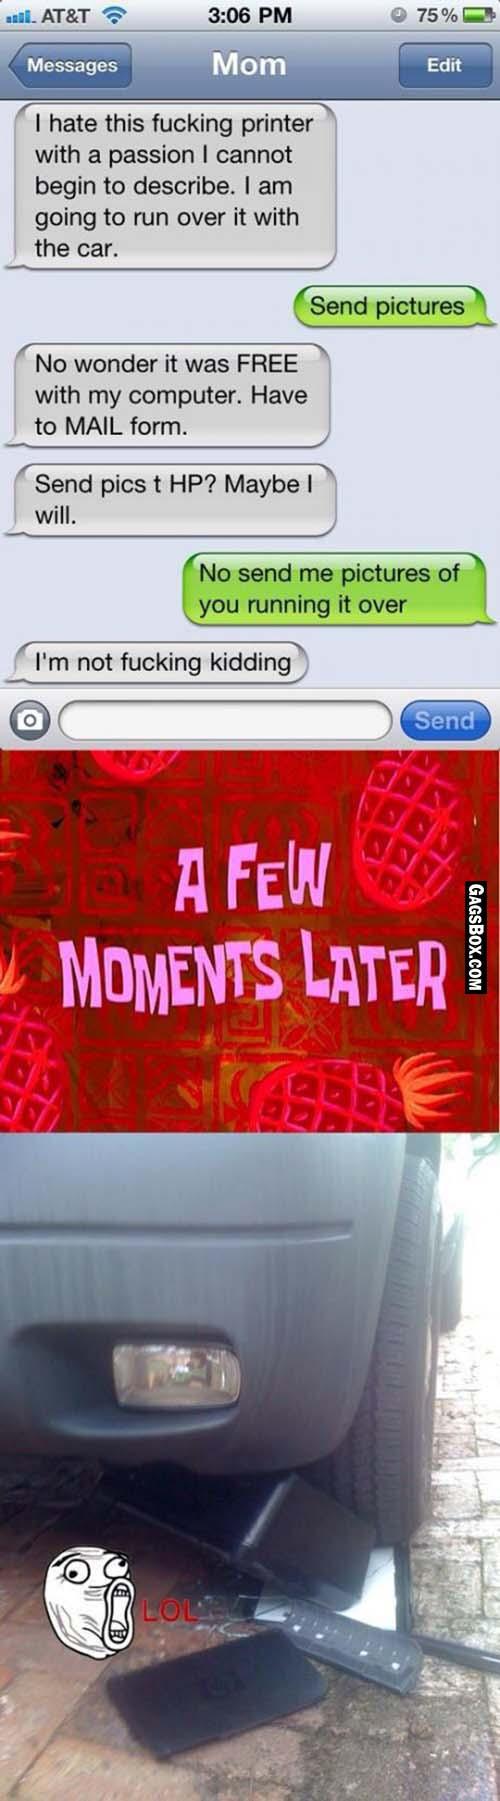 Fun box funny picture funny pic pic of fun funny image - Crazy Mom Funny Lol Fun Humor